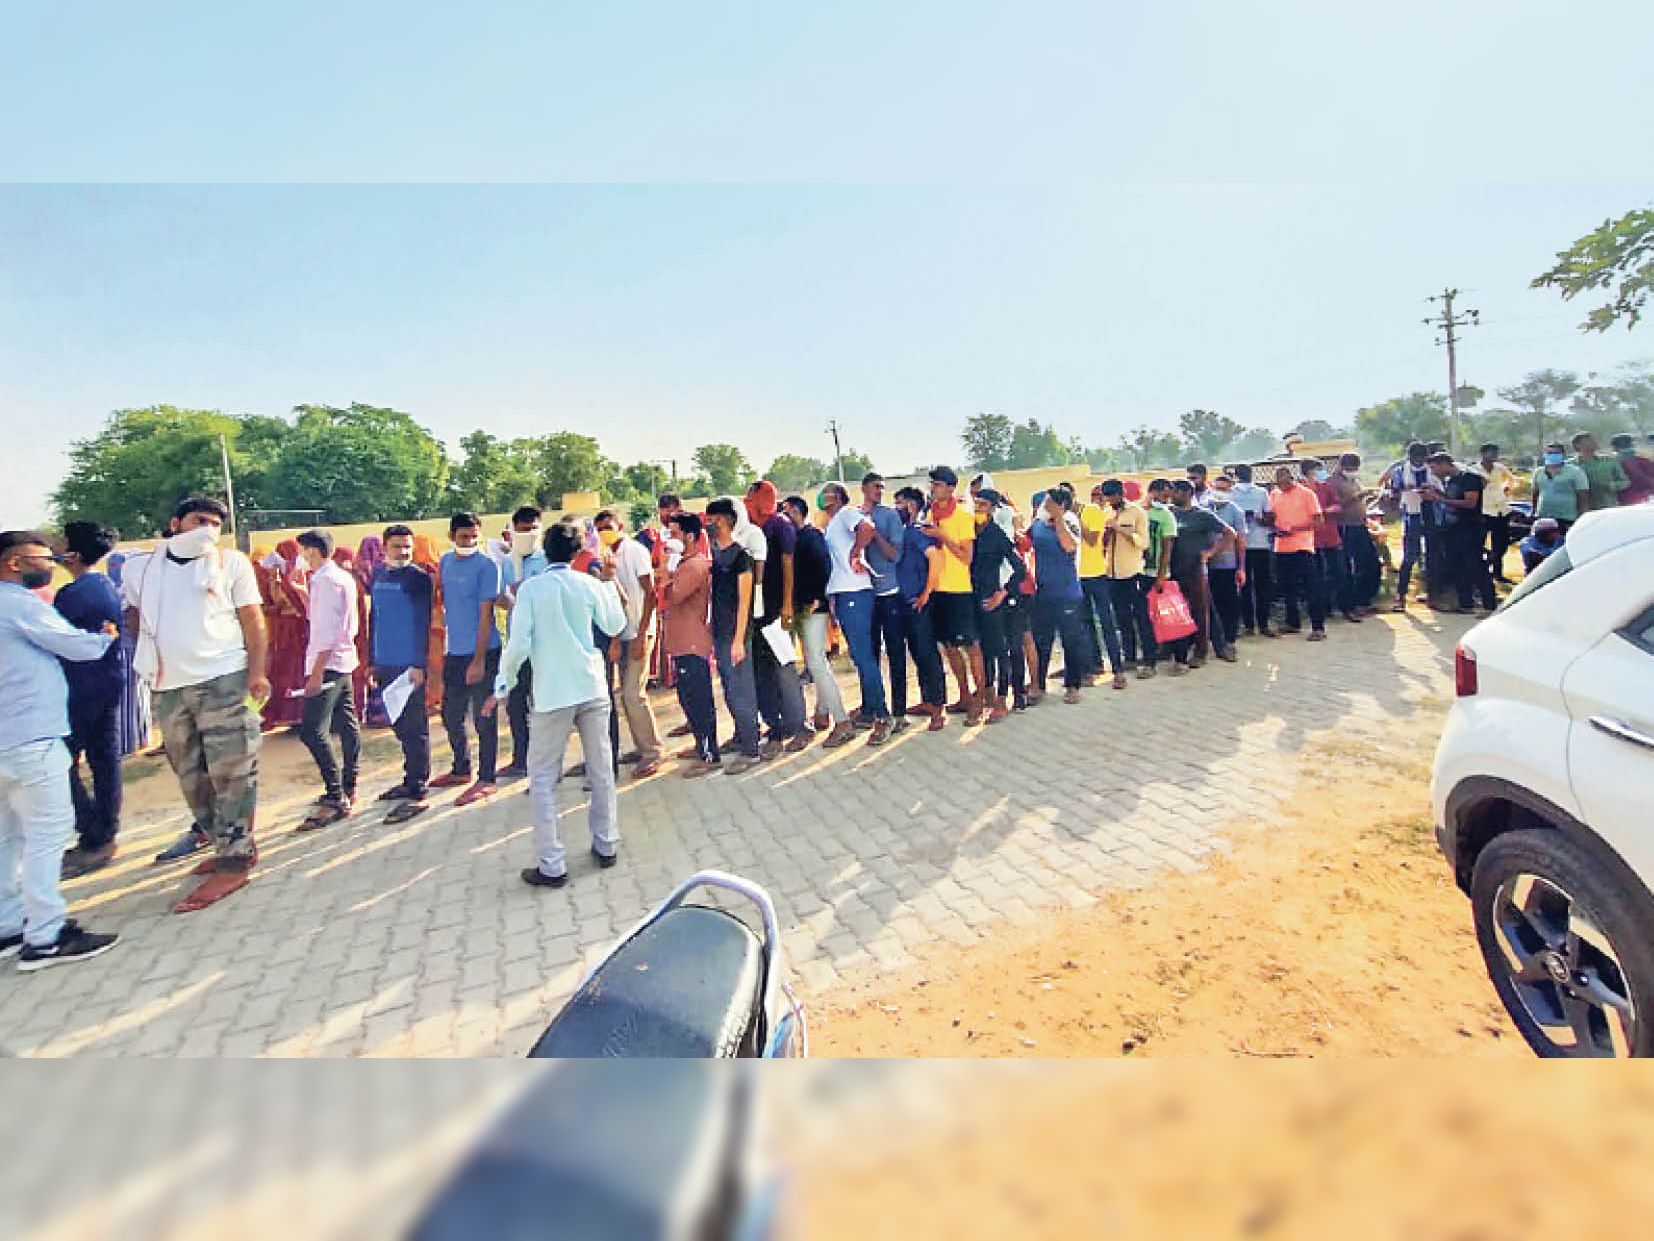 सिहोडी पंचायत के ढाबावाली राजकीय प्राथमिक उप स्वास्थ्य केंद्र पर वैक्सीन लगवाने के लिए युवाओं की कतार। - Dainik Bhaskar